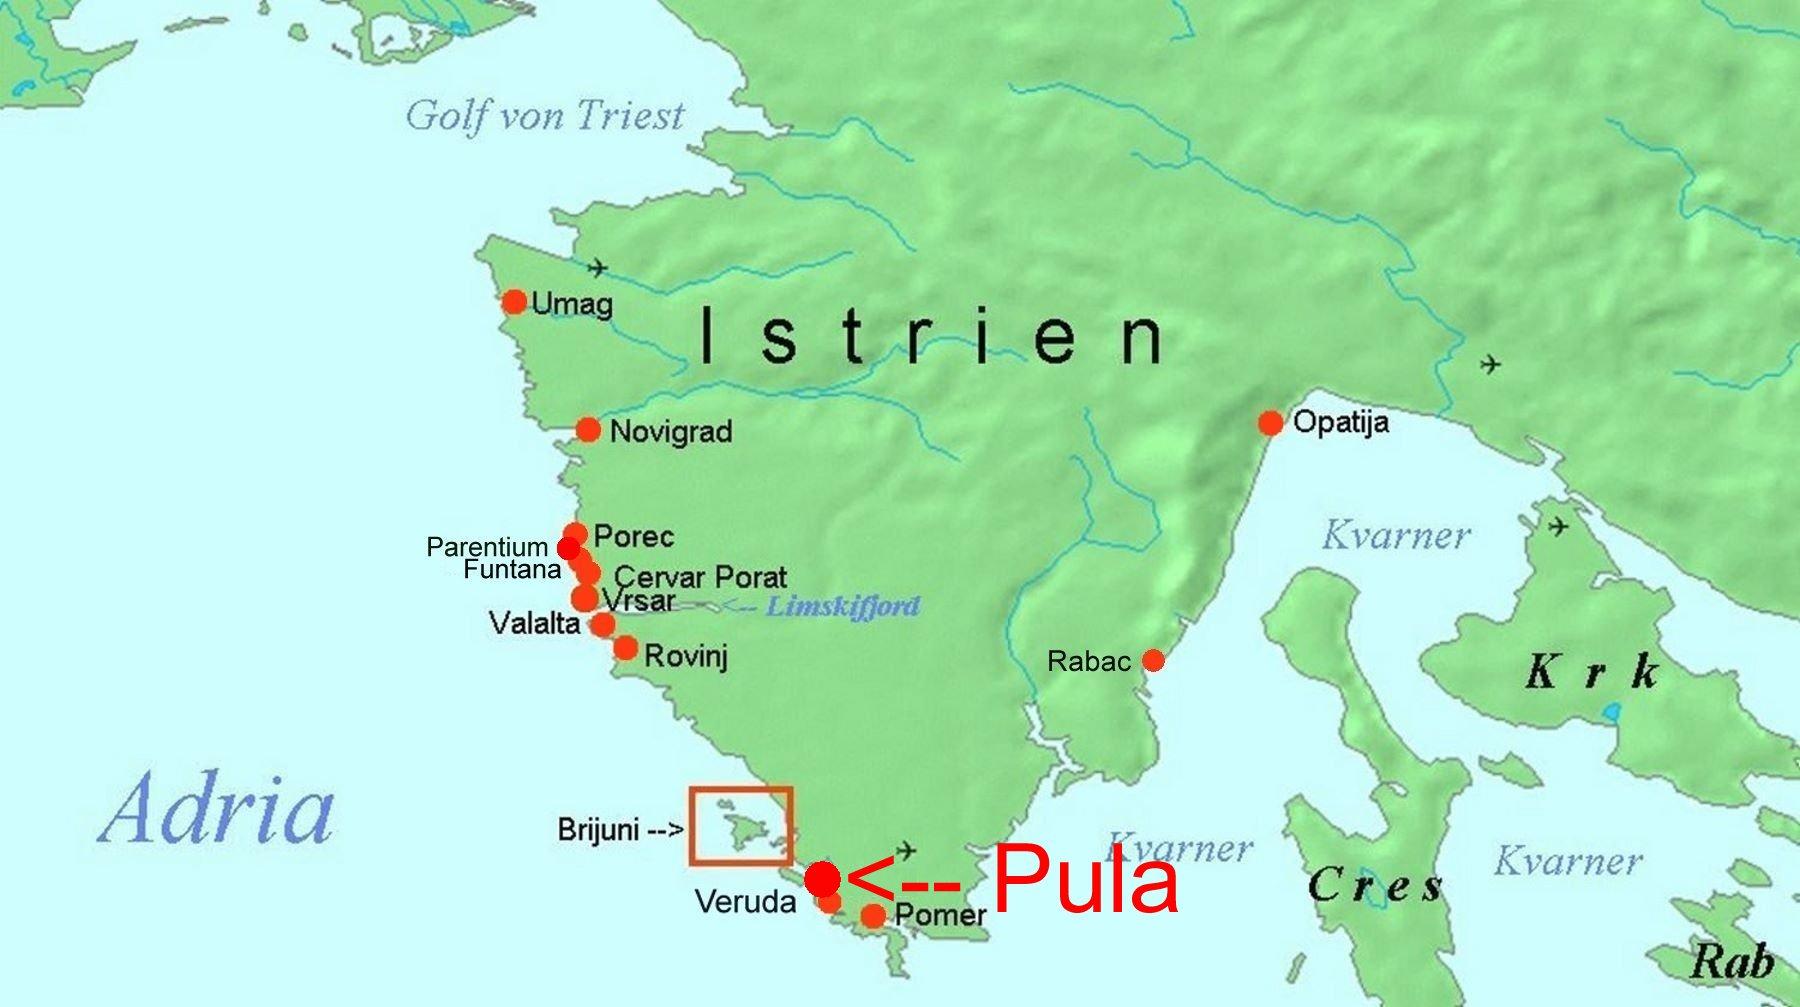 Karte Kroatien Pula.Online Hafenhandbuch Kroatien Aci Marina Pula Auf Istrien